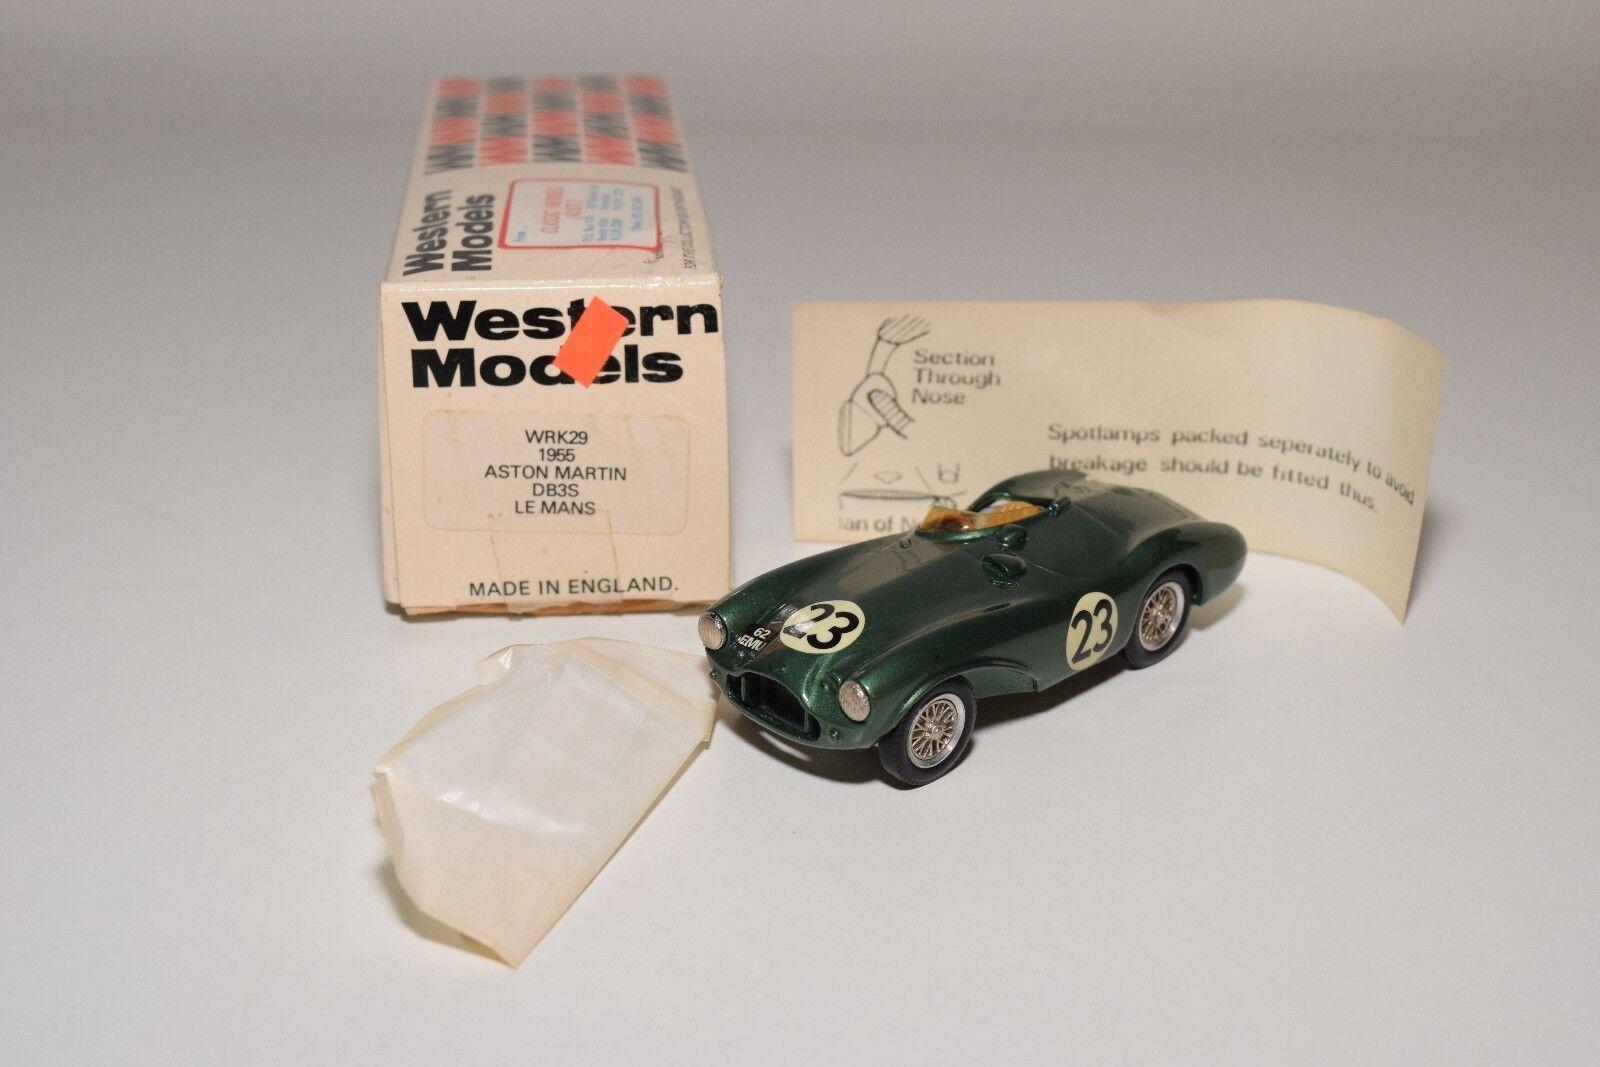 Ich westlichen modellen wm wrk29 1955 aston martin db3s le mans traf.grüner minze umzingelt